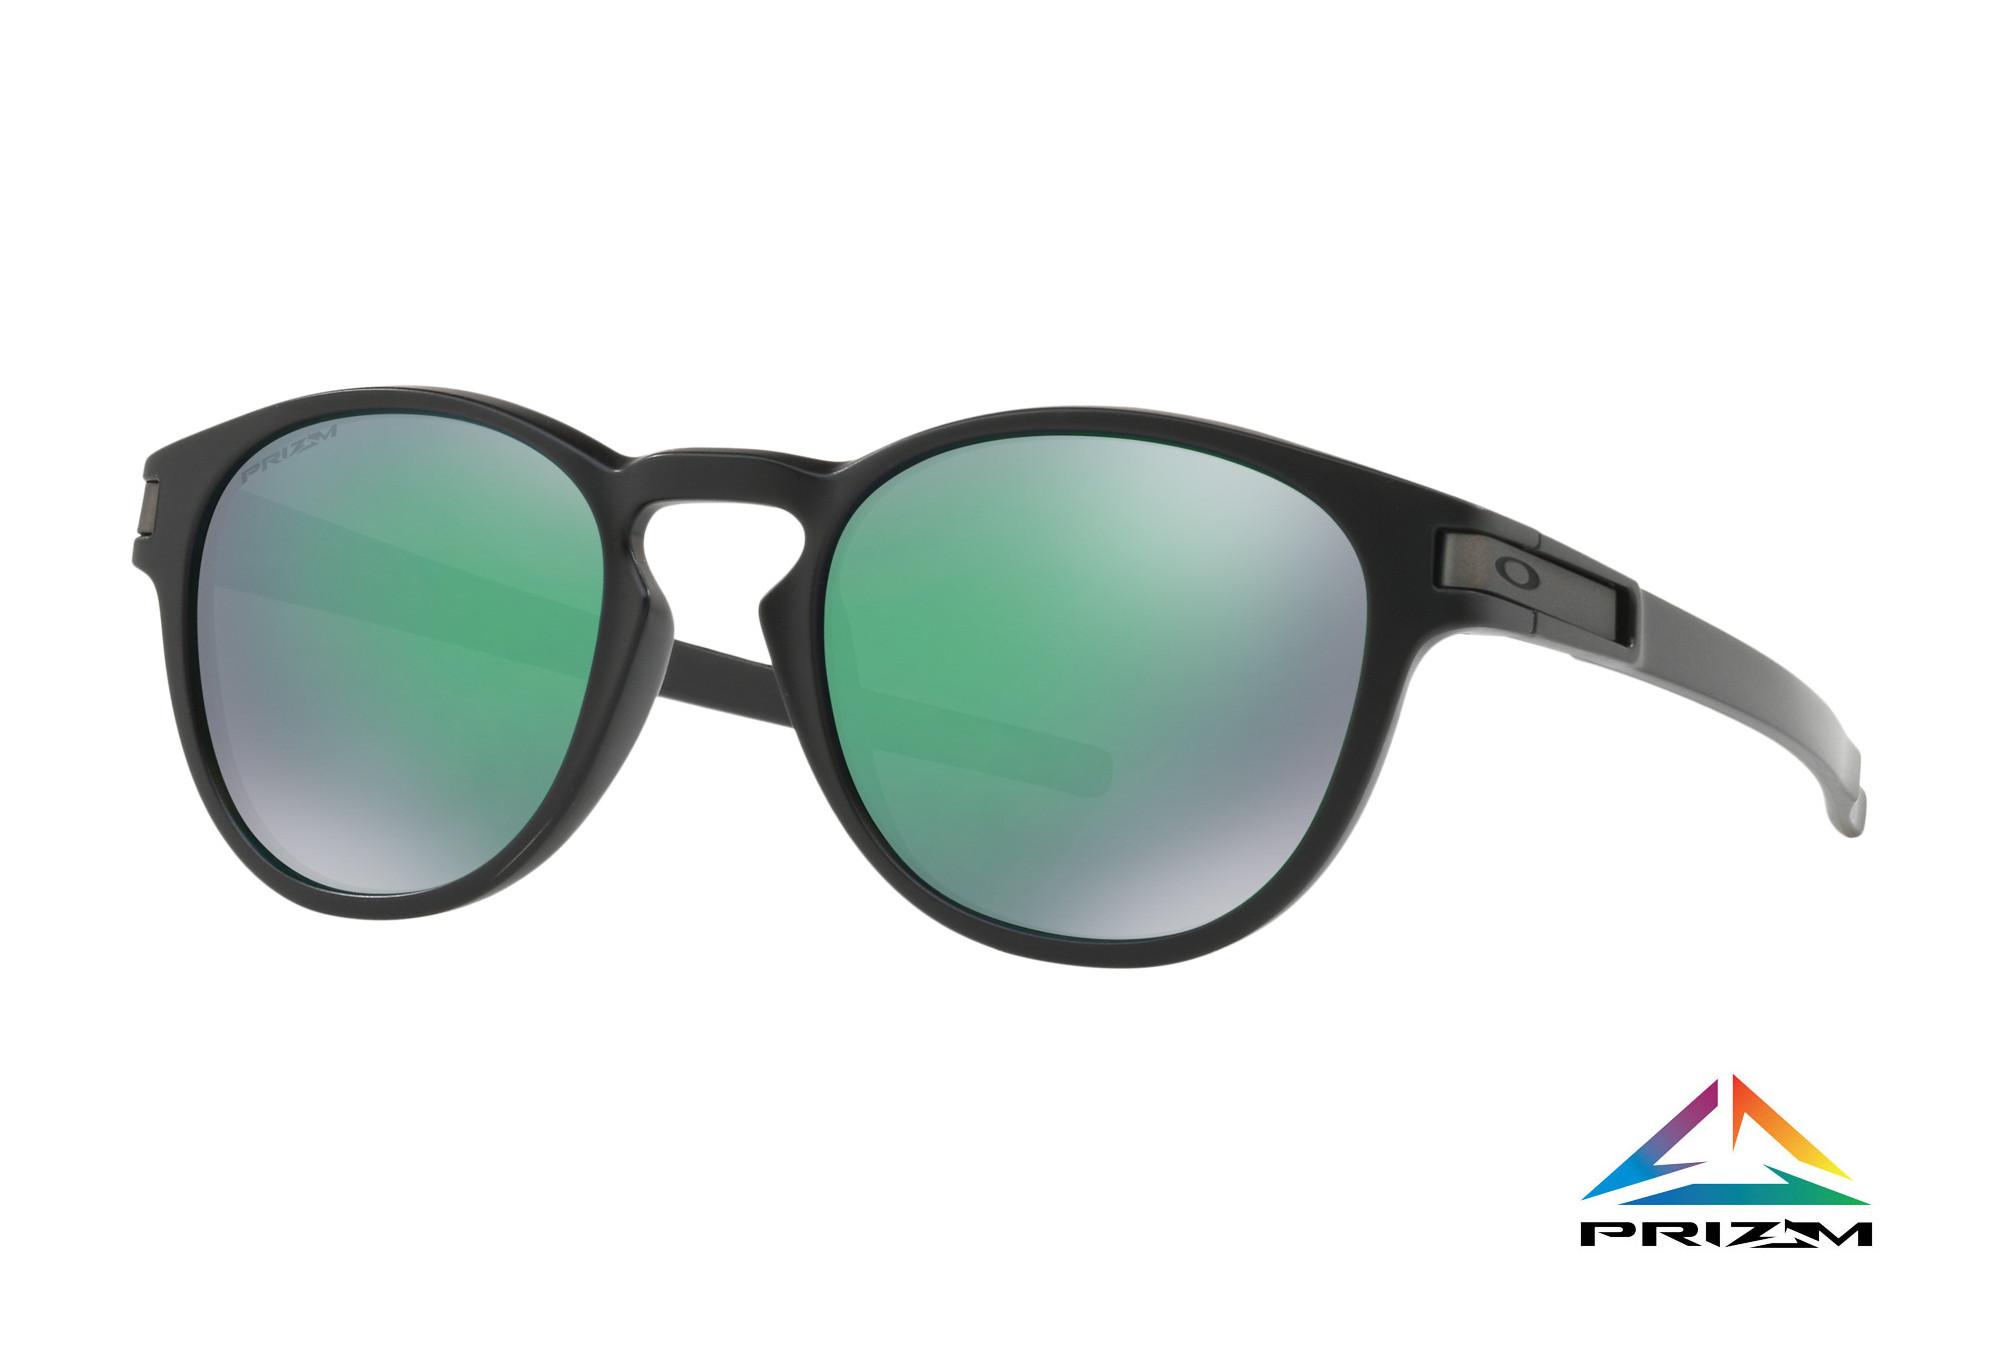 Noir Lunettes Vert RefOo9265 Oakley Latch 2853 Prizm 8Okn0wP